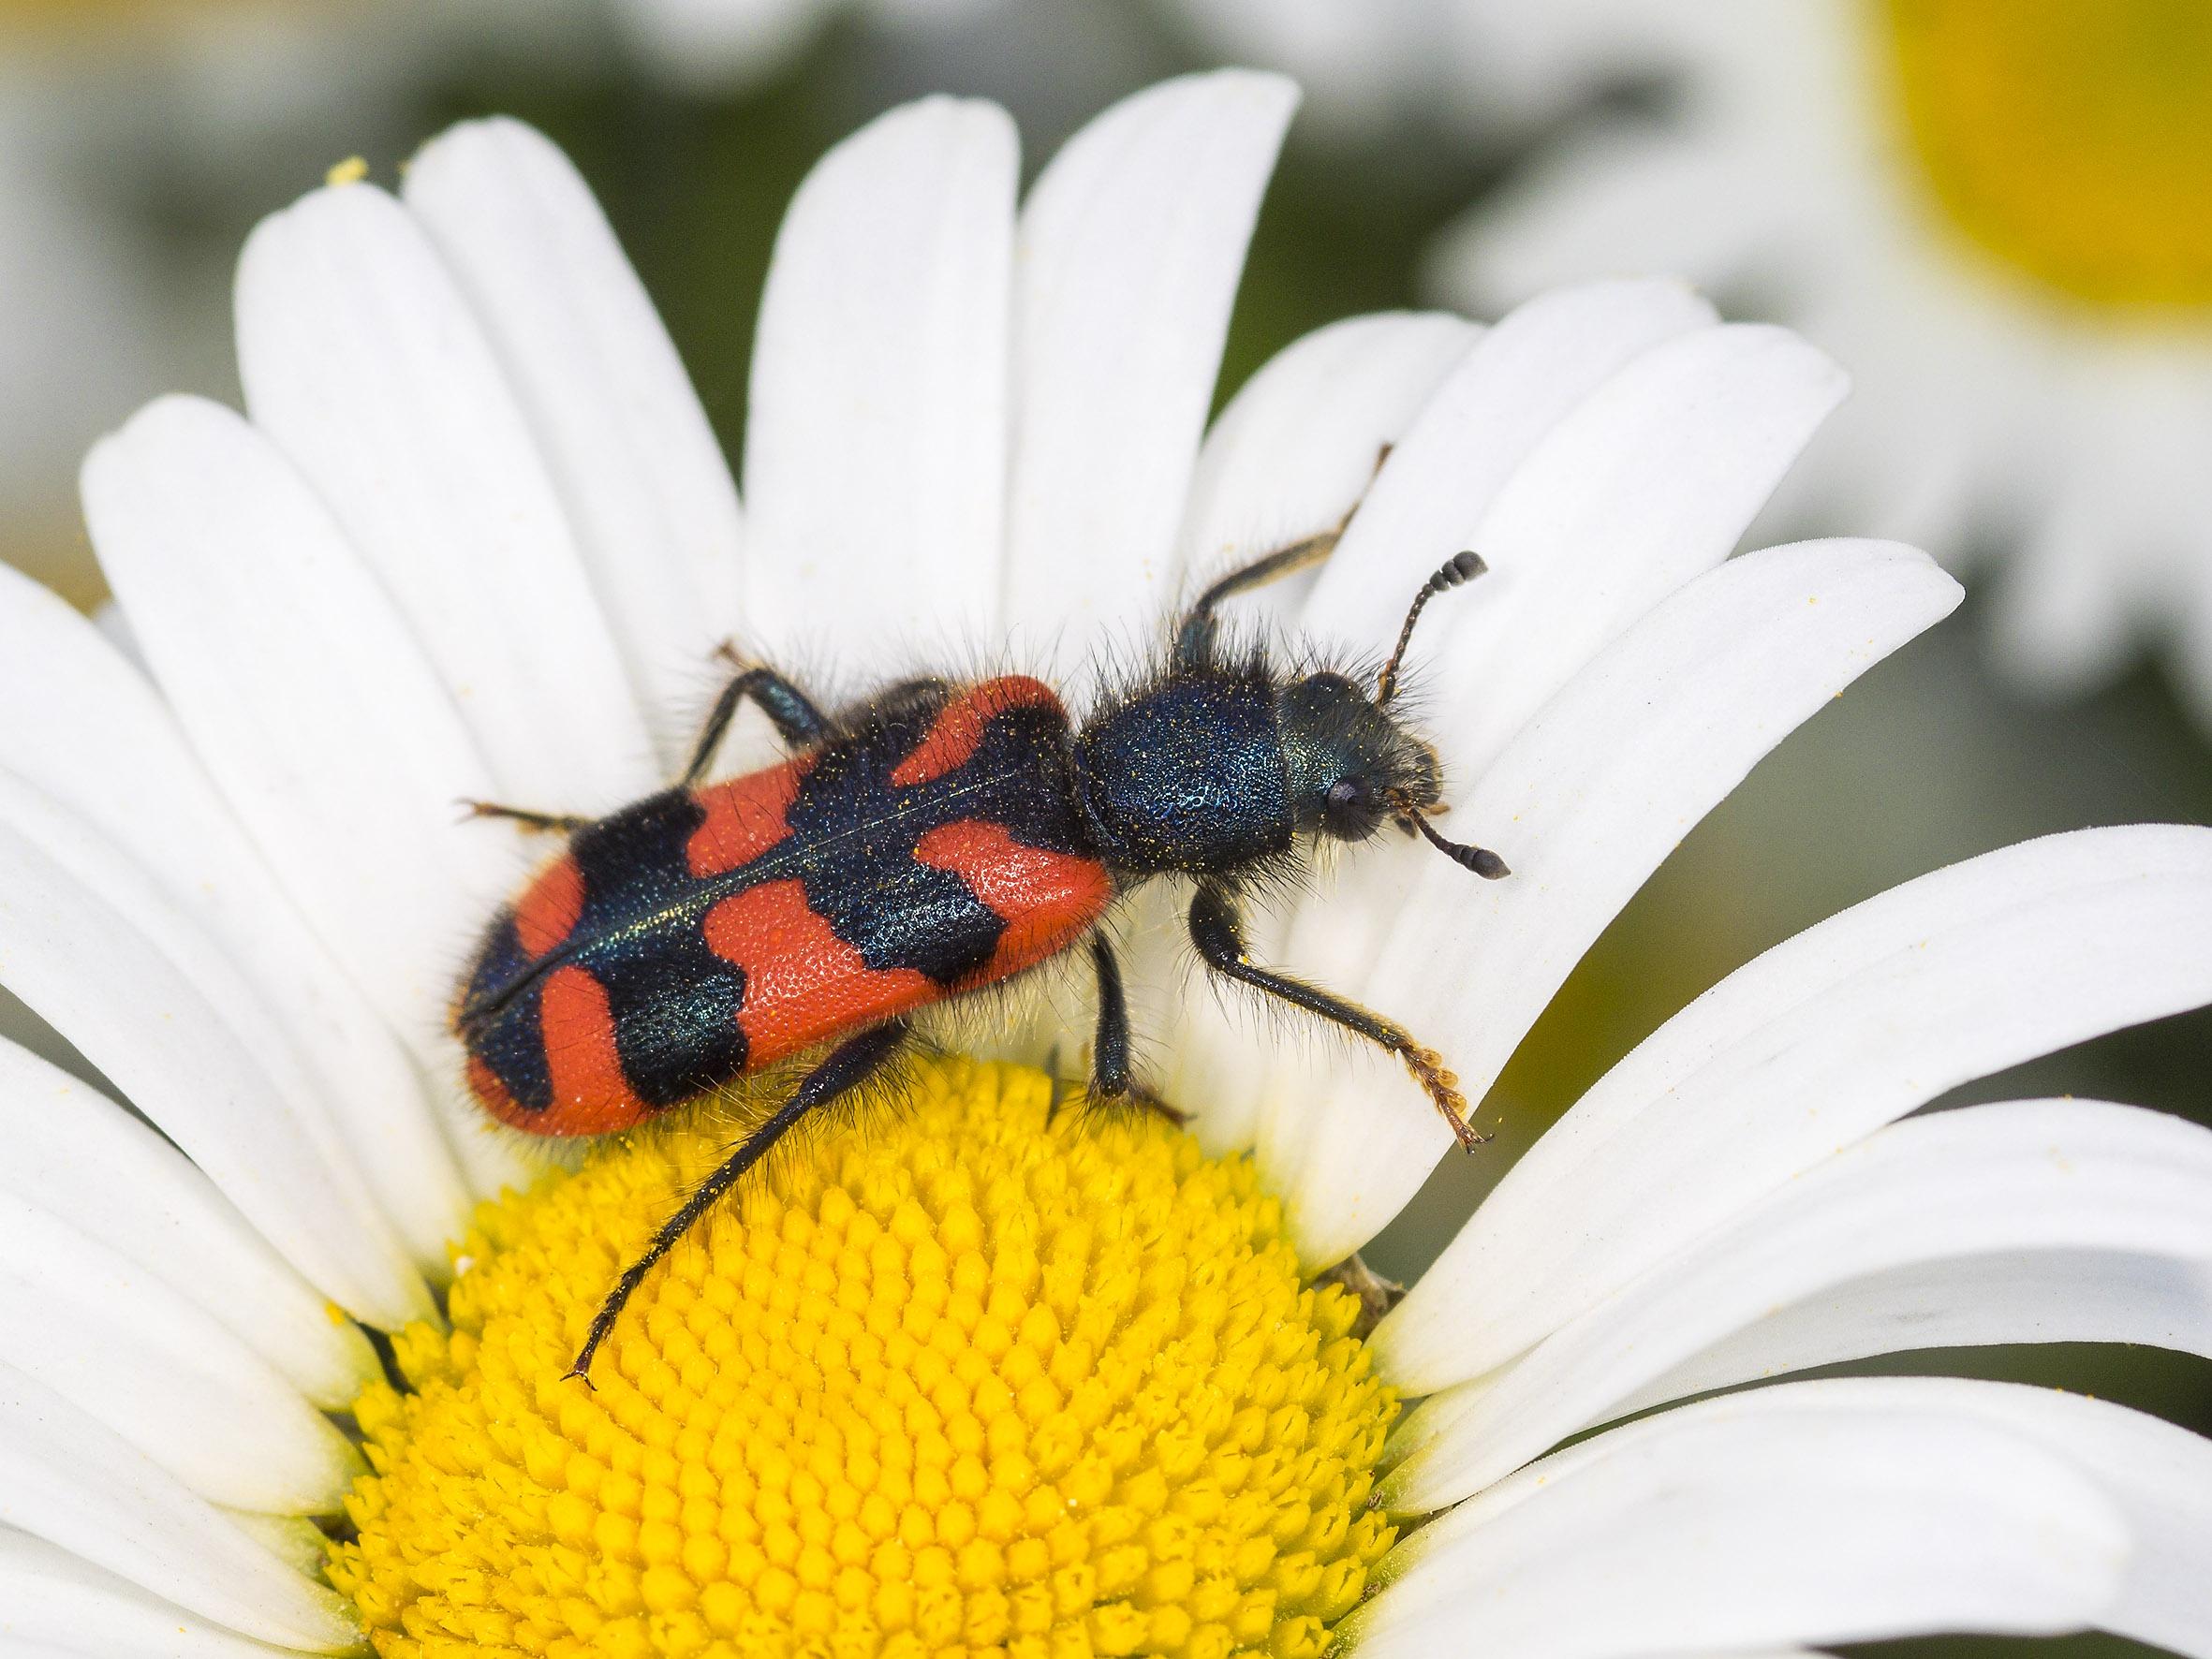 Gemeiner Bienenwolf auf Magerwiesen-Magerite (Trichodes apiarius auf Leucanthemum vulgare). Foto: R. Günter.